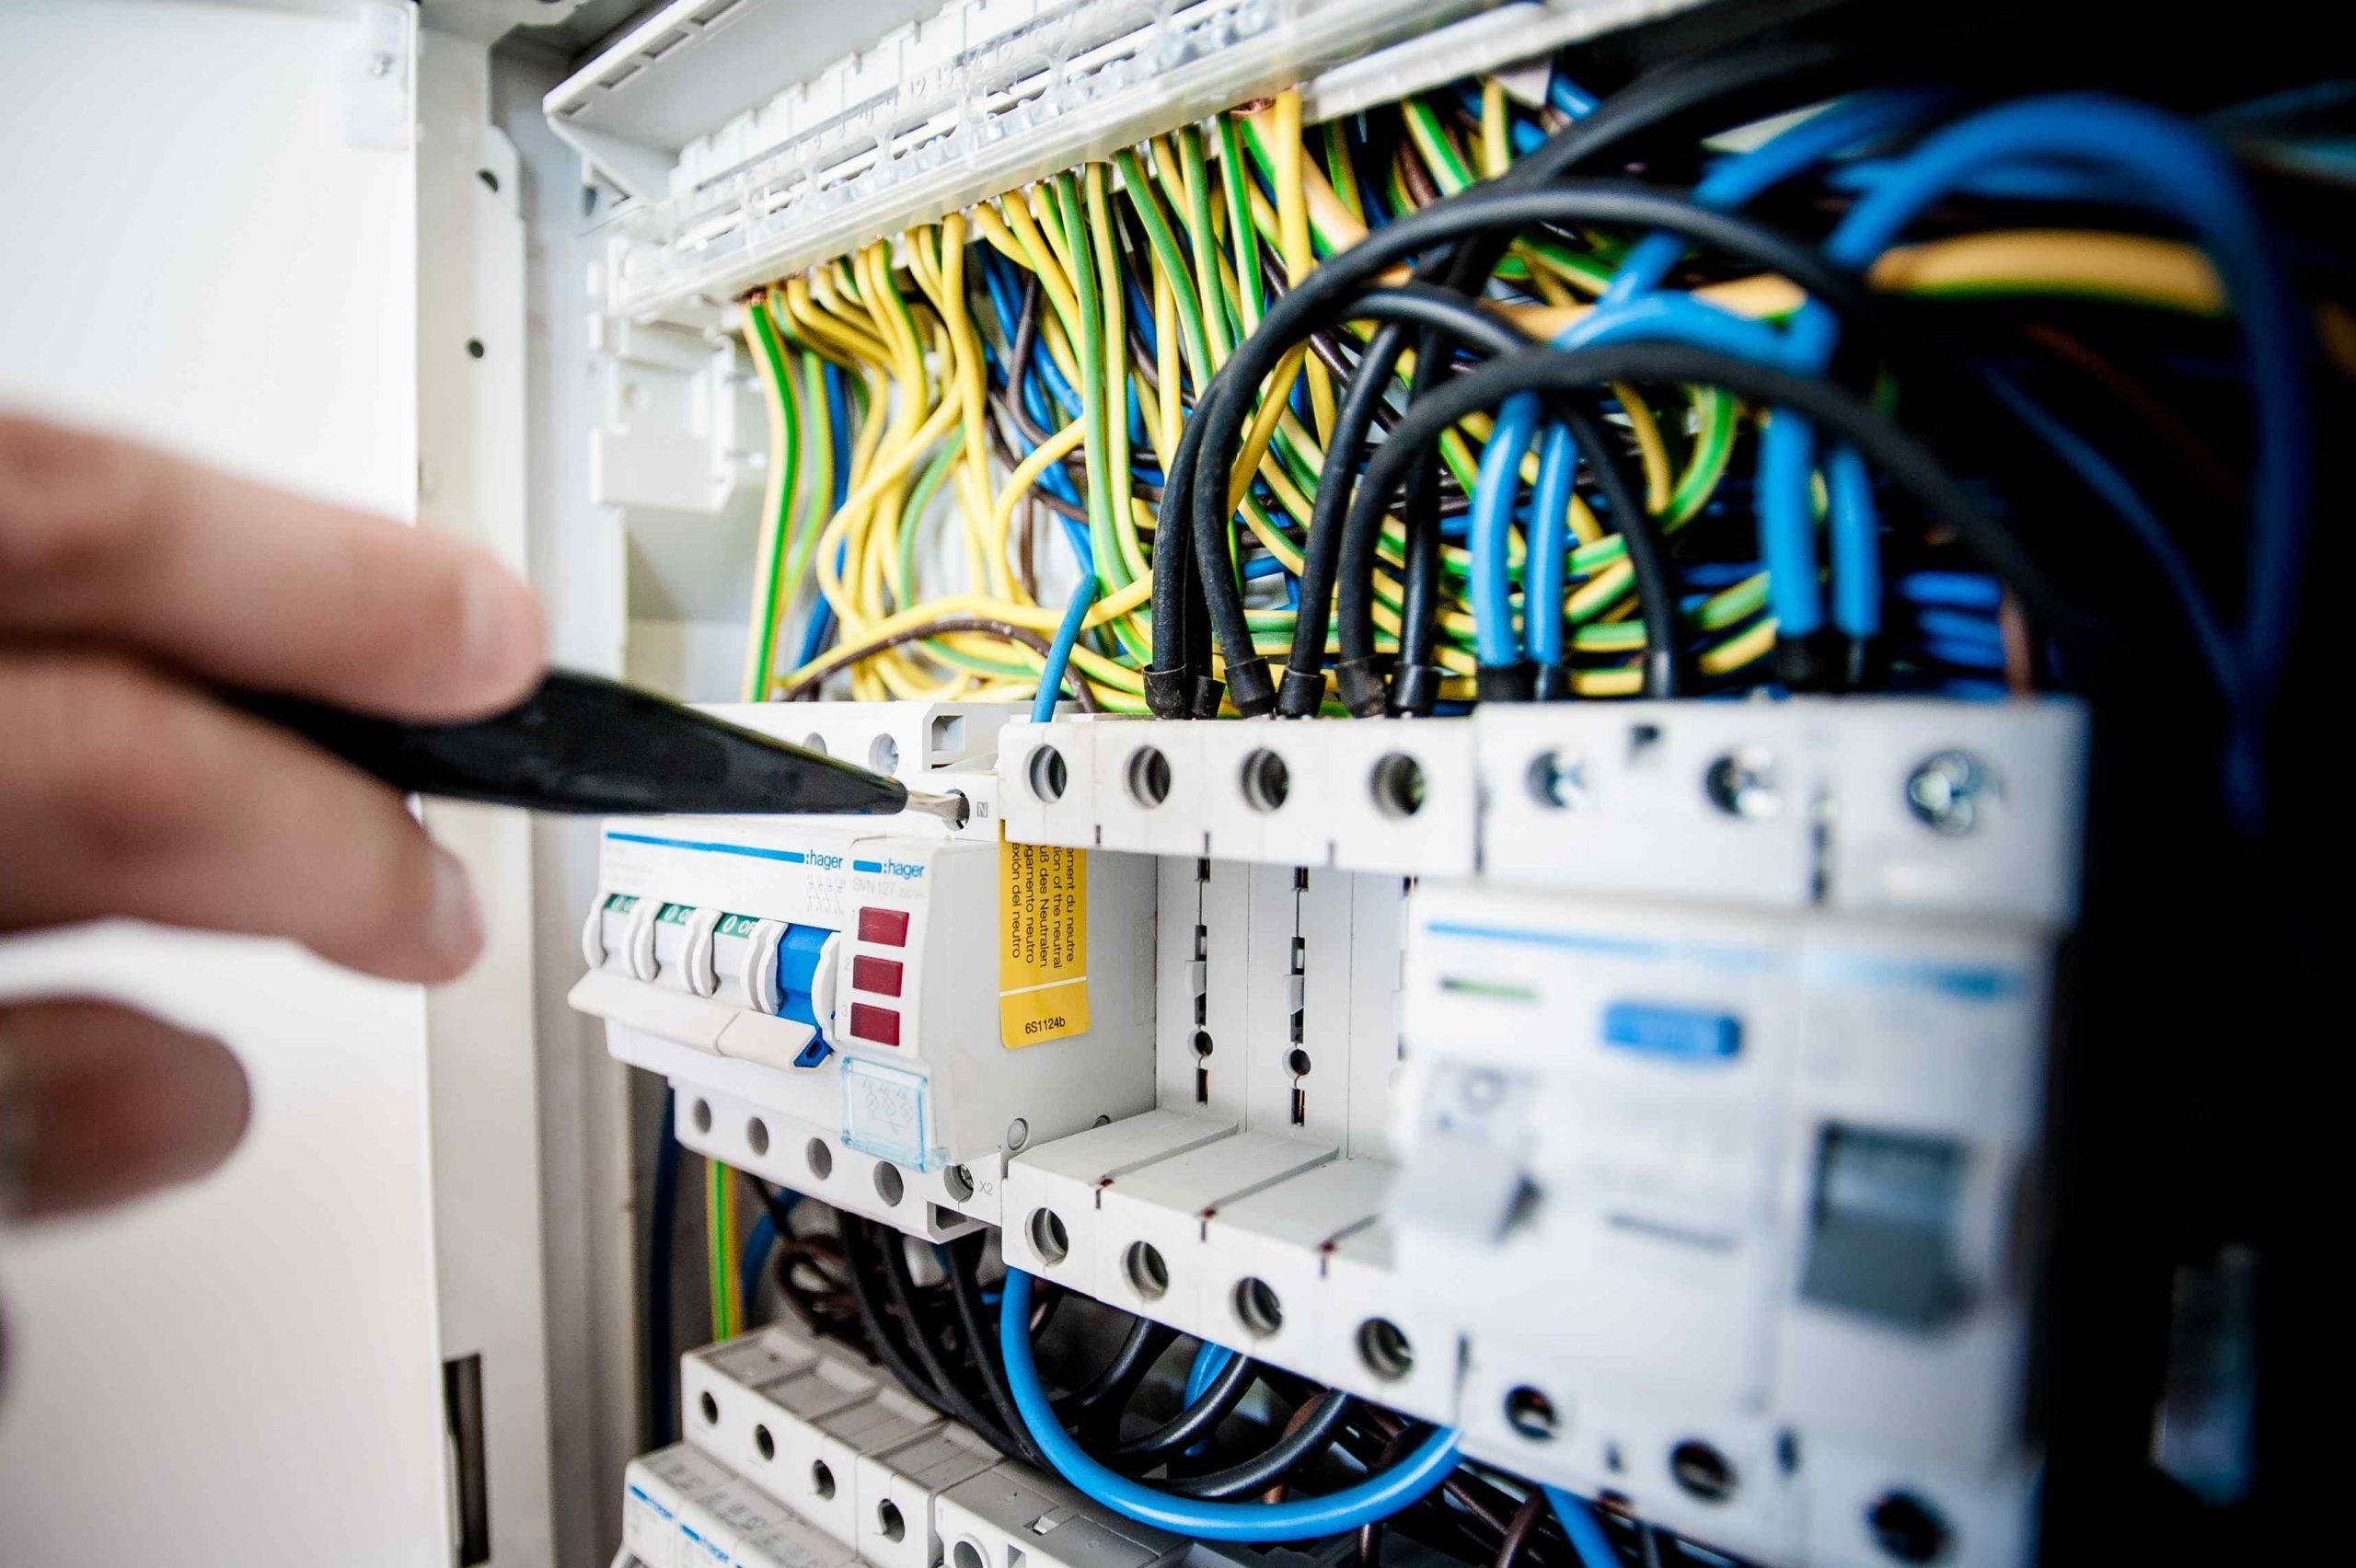 Elektrotechniek besturingskast met gekleurde draden